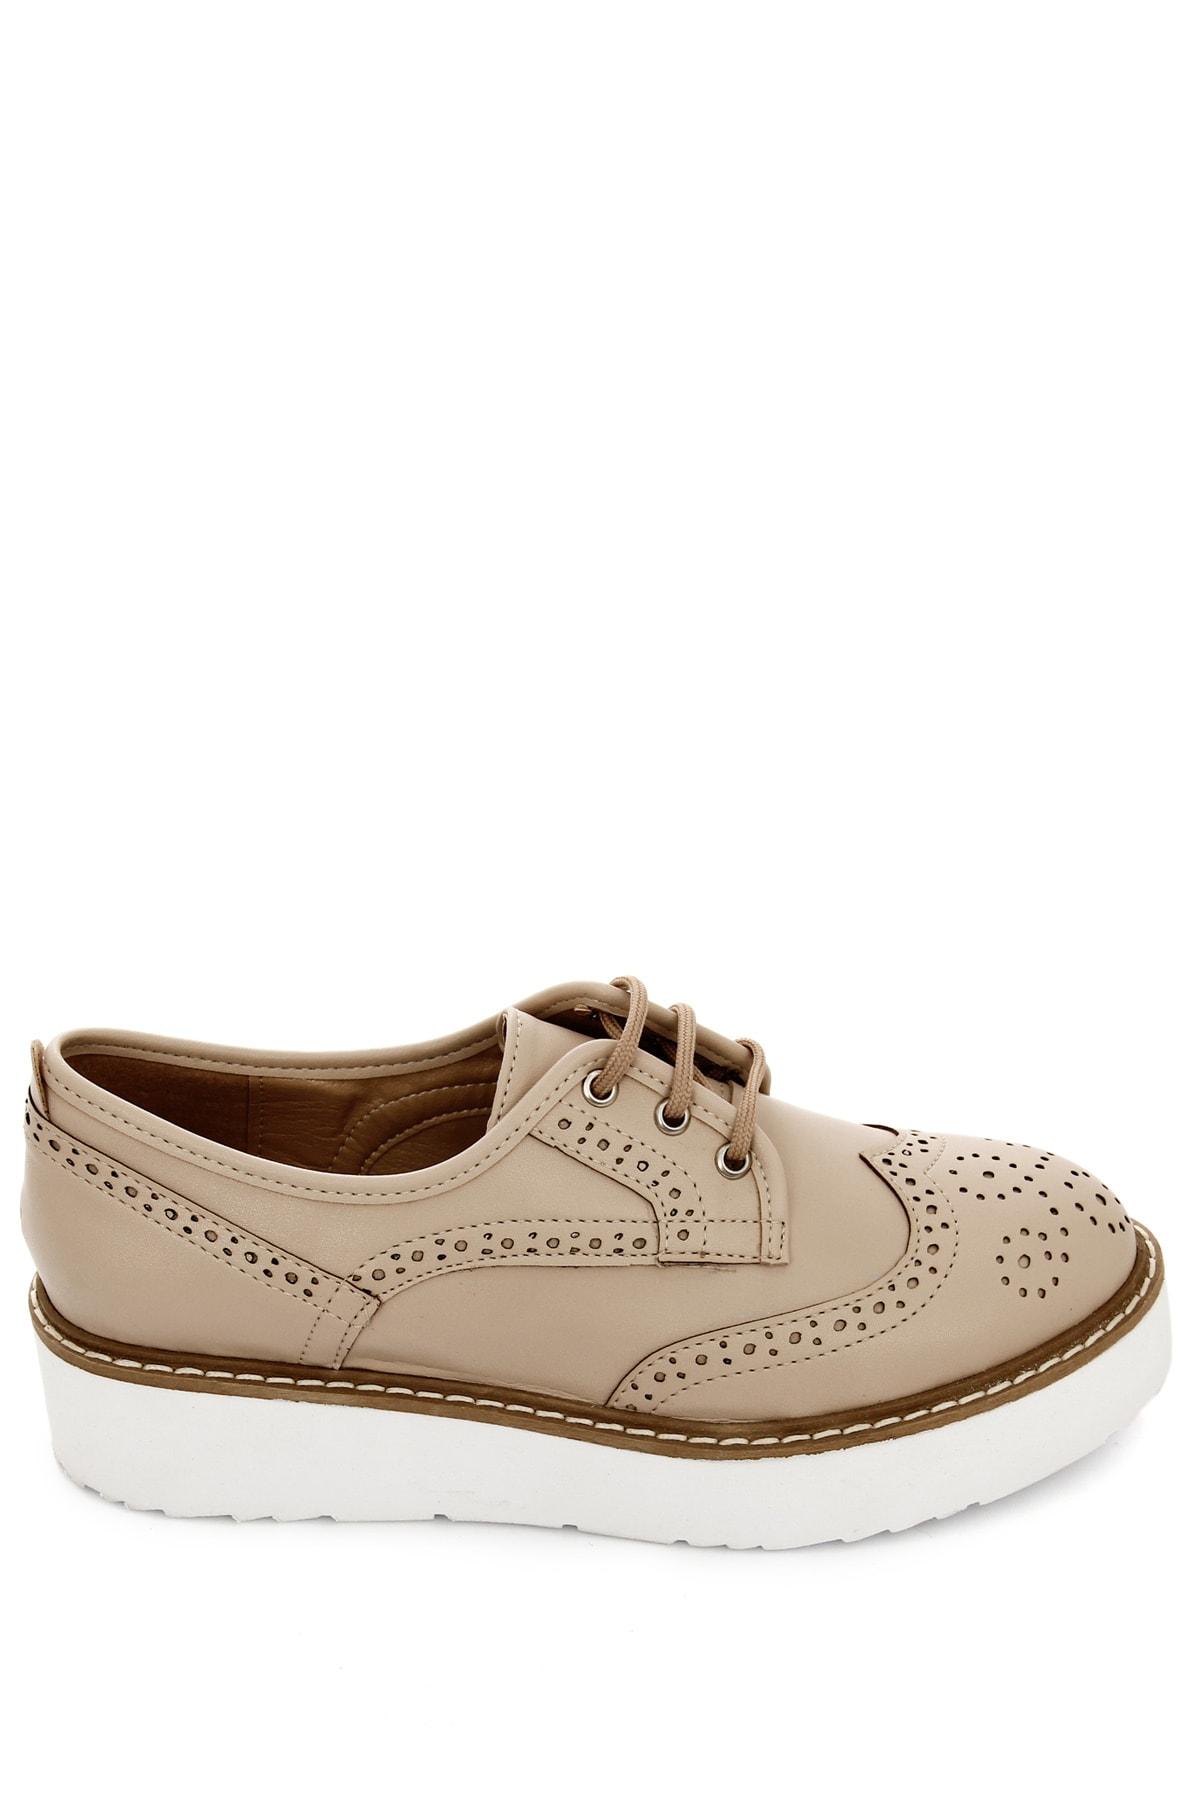 GÖNDERİ(R) Ten Kadın Günlük (Casual) Ayakkabı 38911 1